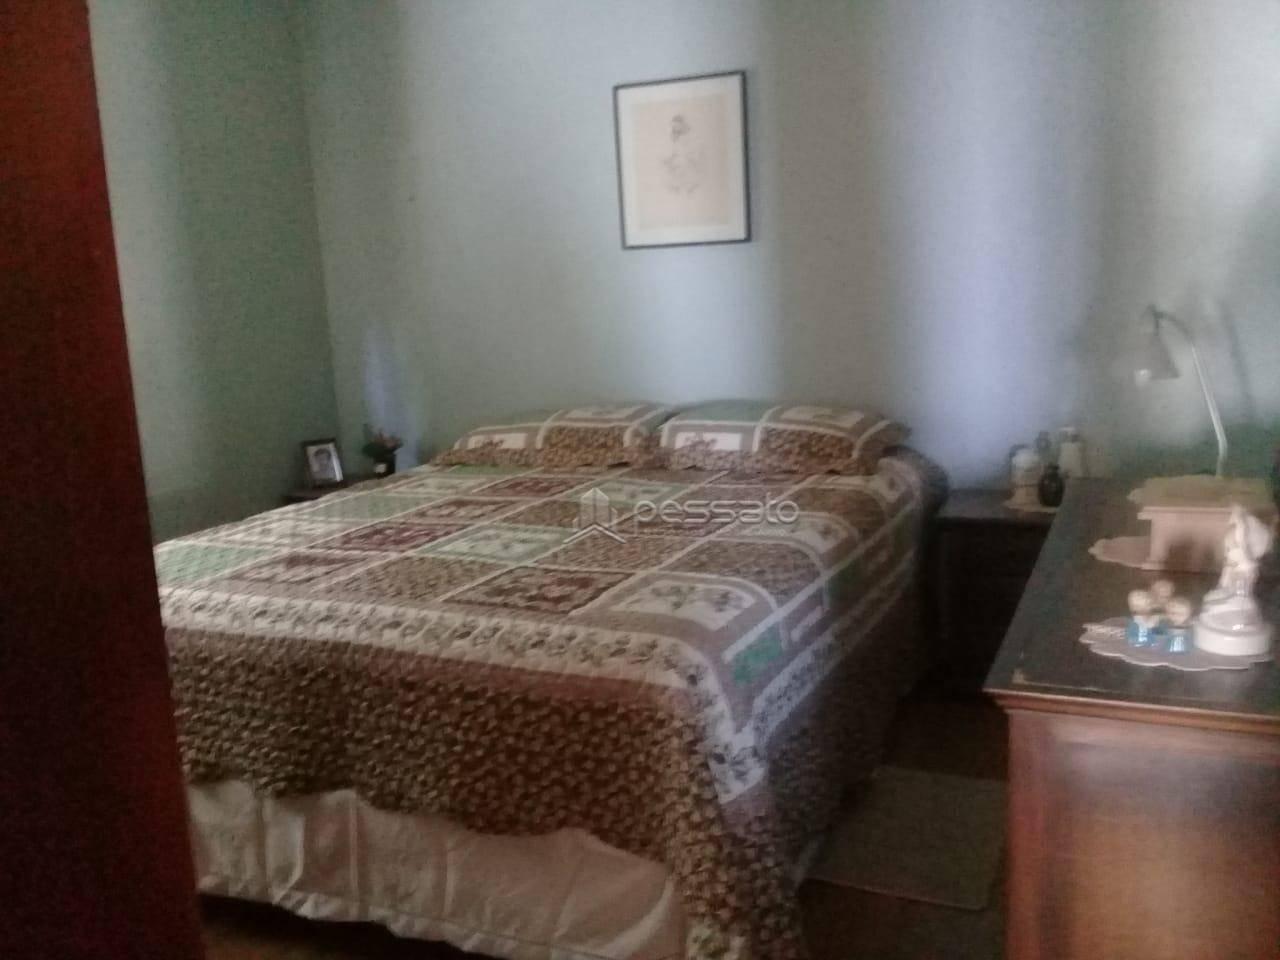 casa 4 dormitórios em Viamão, no bairro Sitio São José